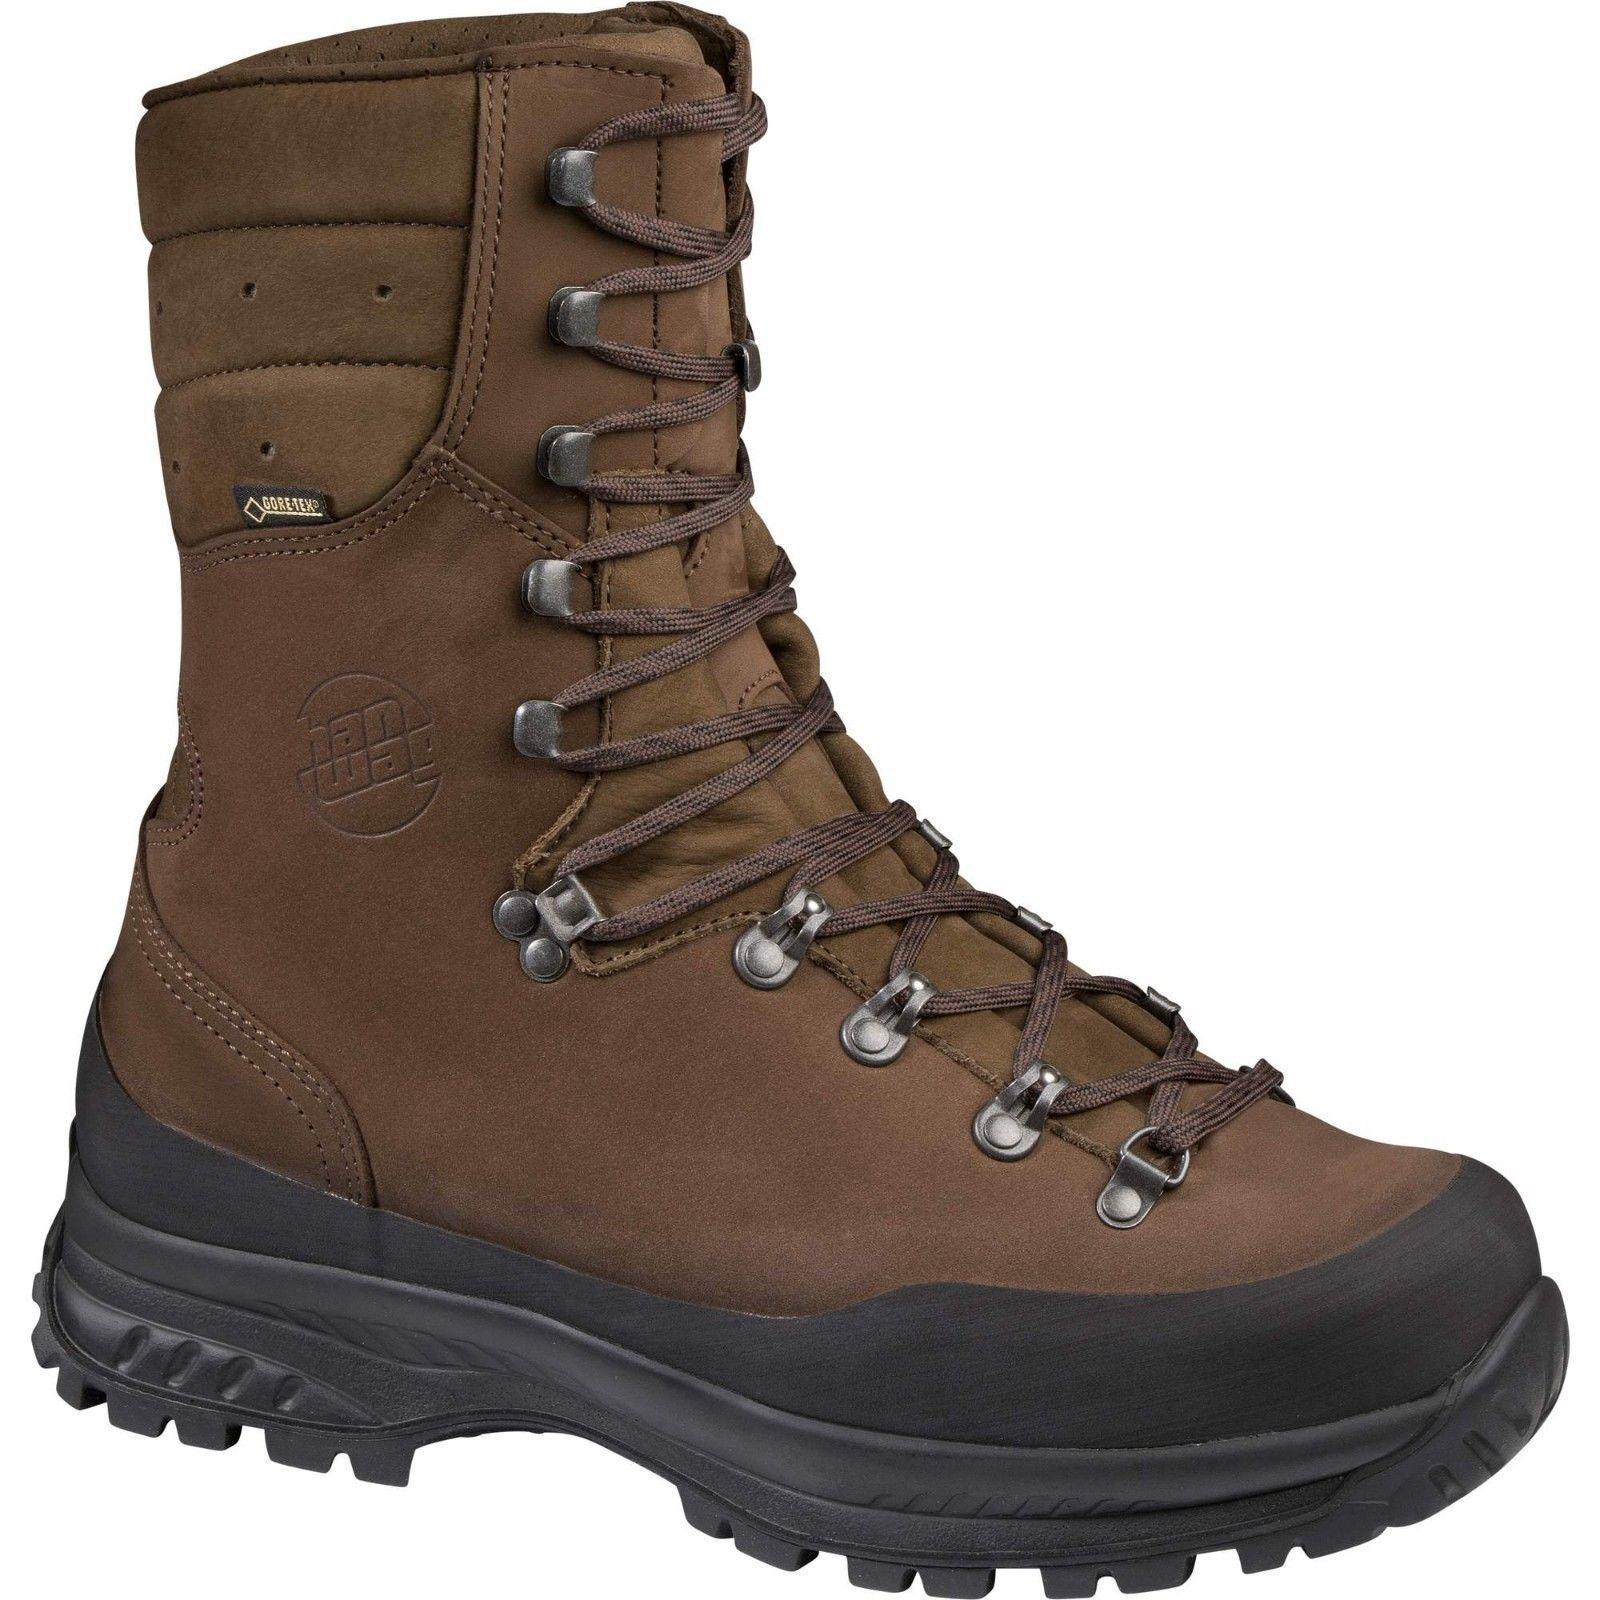 Hanwag Brenner Wide Lady GTX Brown Walking,Hiking & Trekking Boots (H23006)